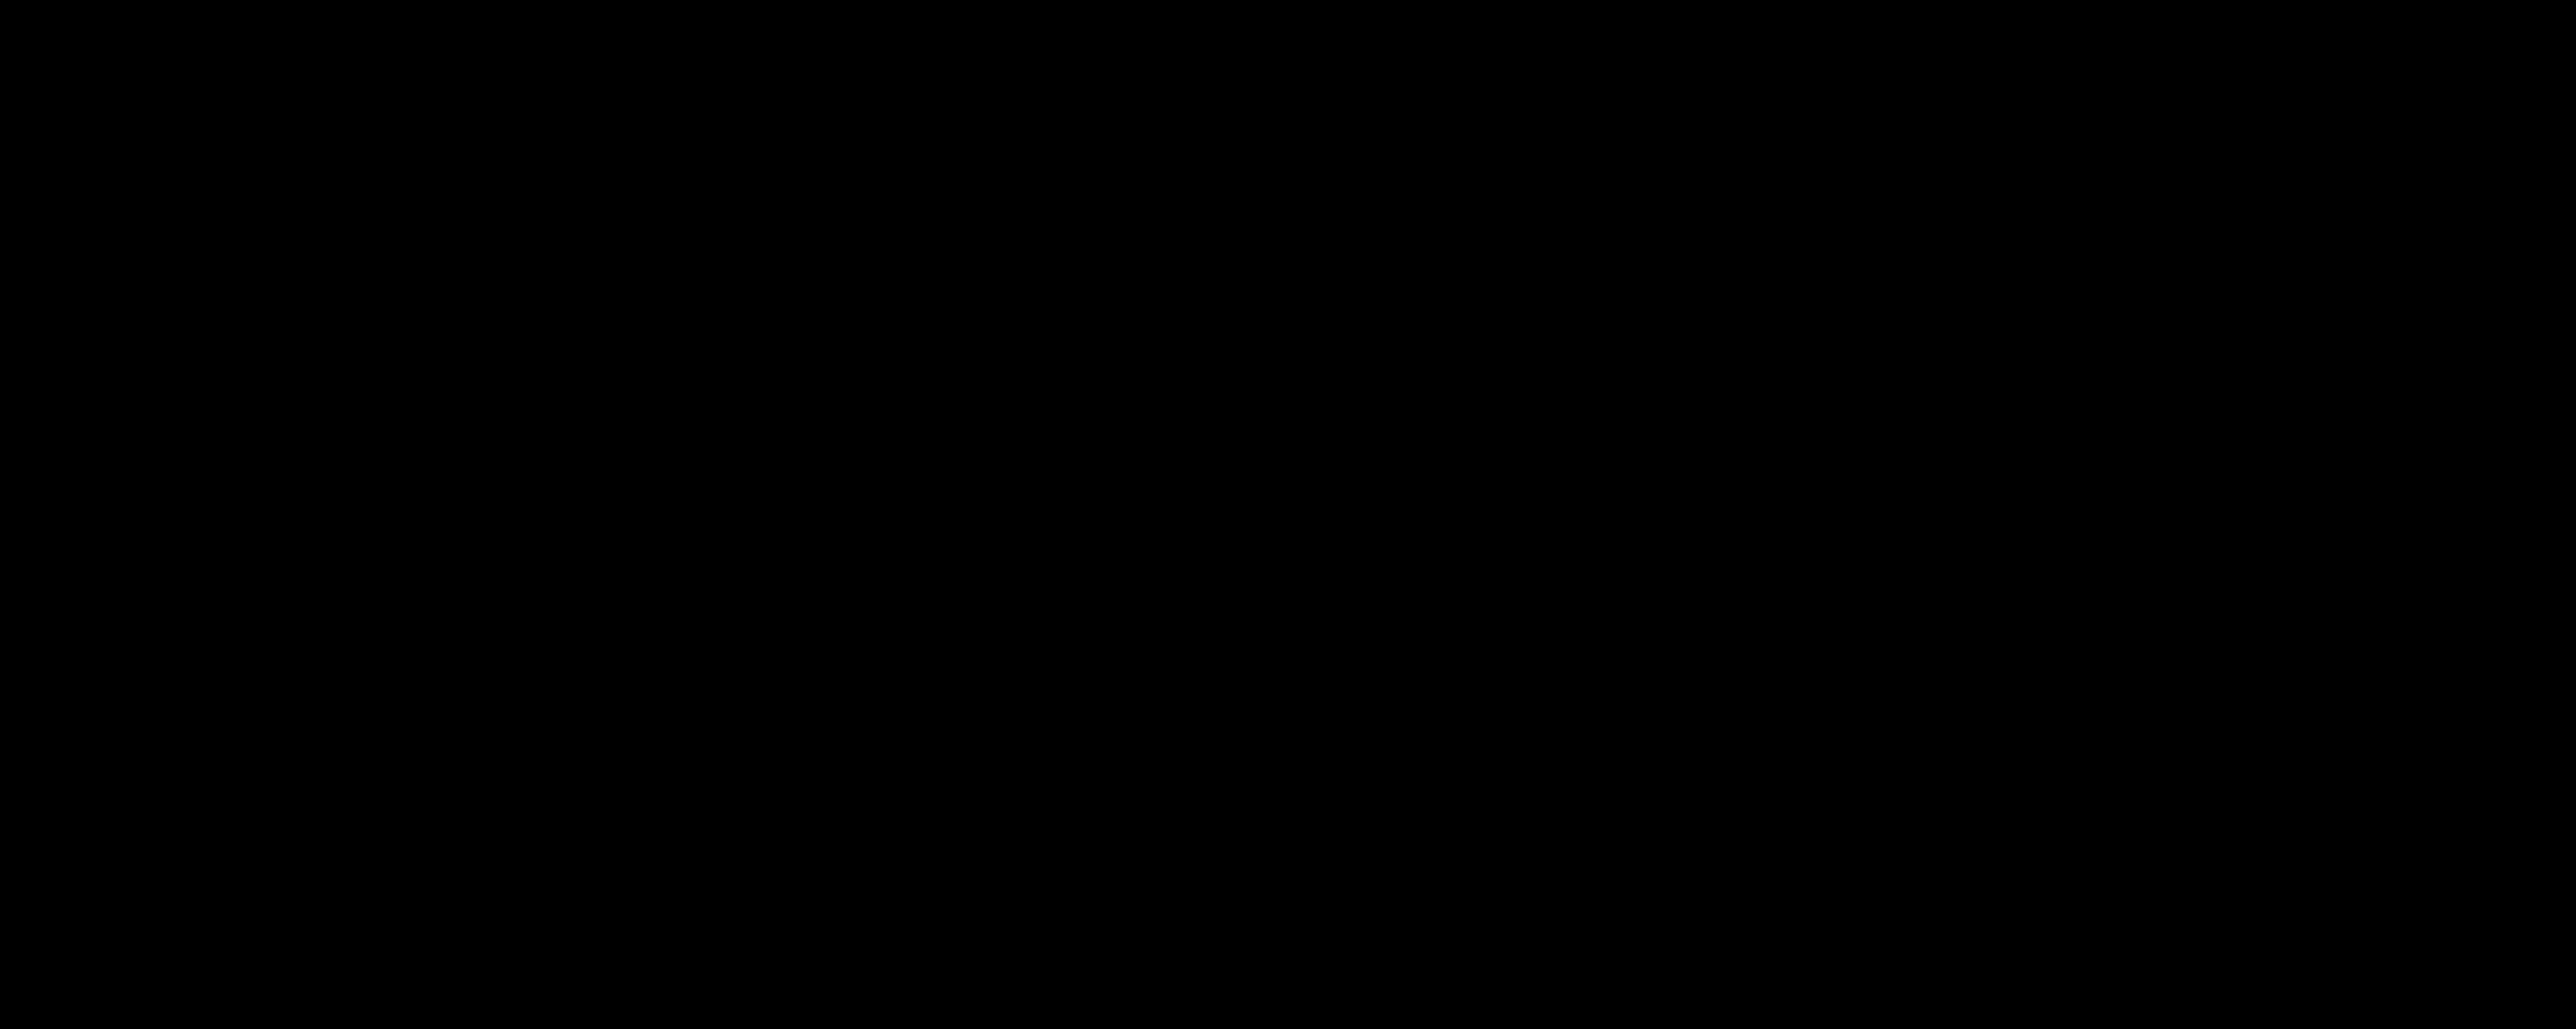 20180503-medik8-logo-with-tagline.png